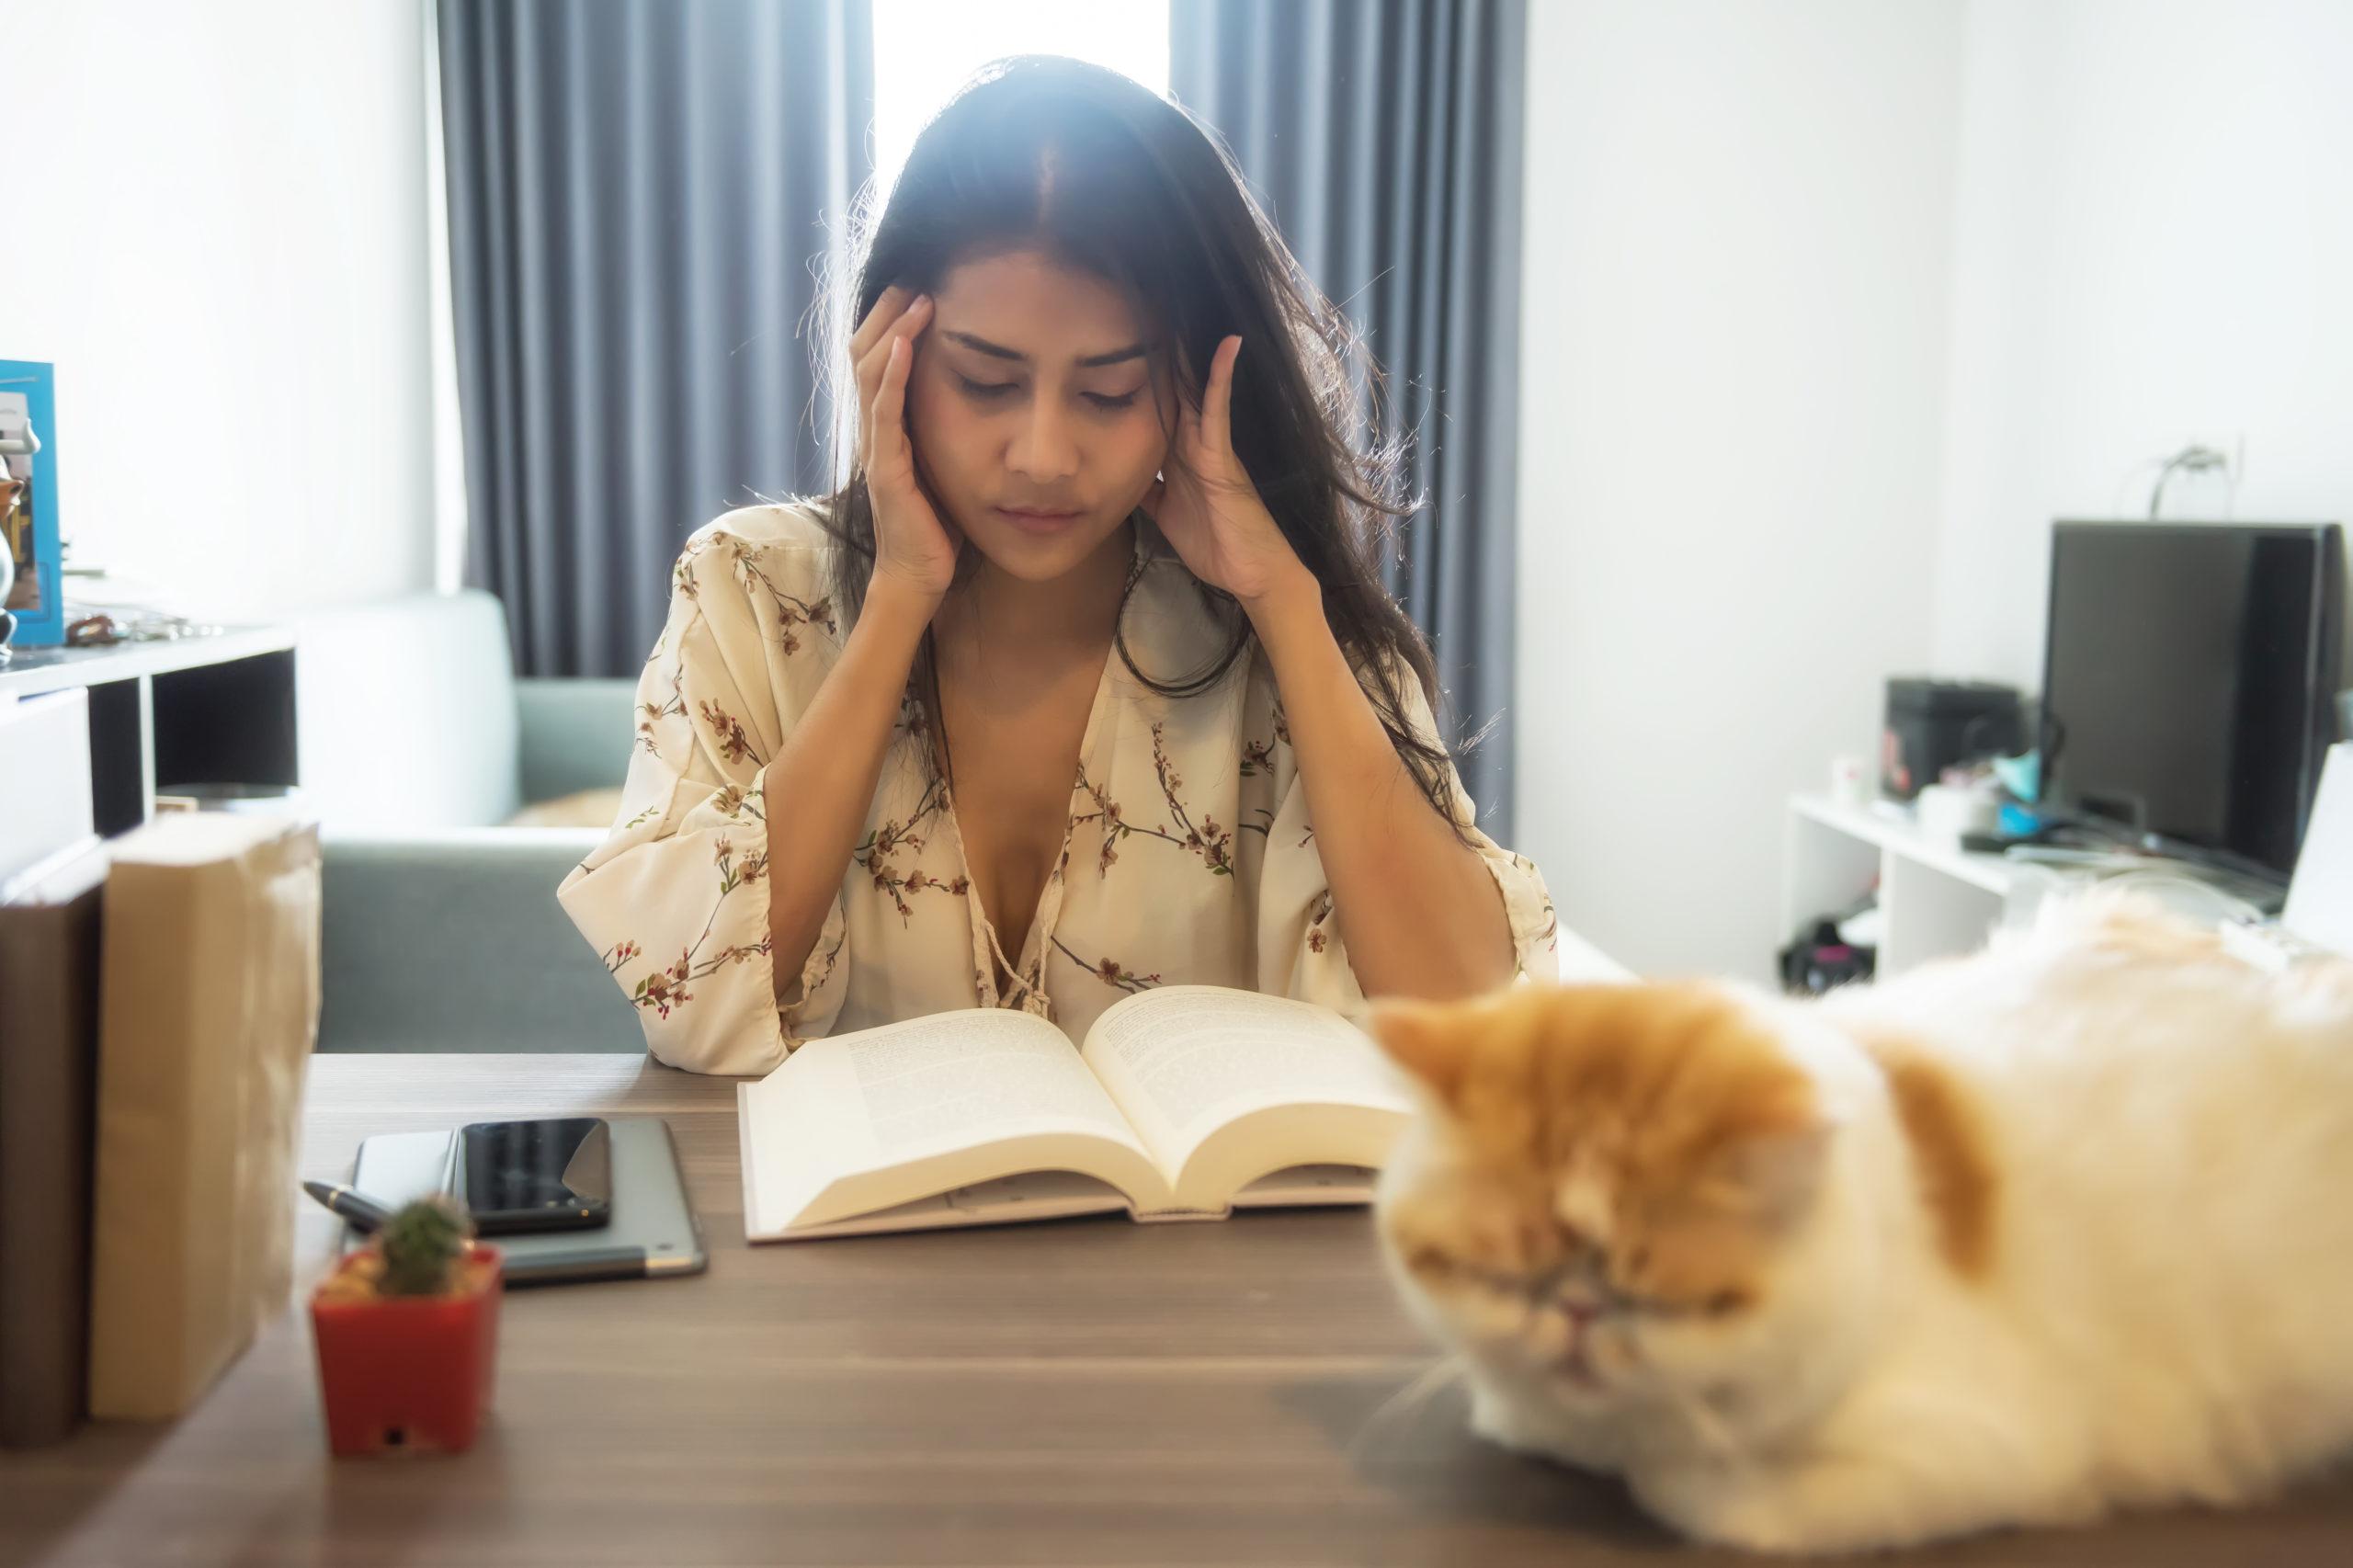 ネコがストレスを感じる7つの原因とは?【対策も併せて解説します】